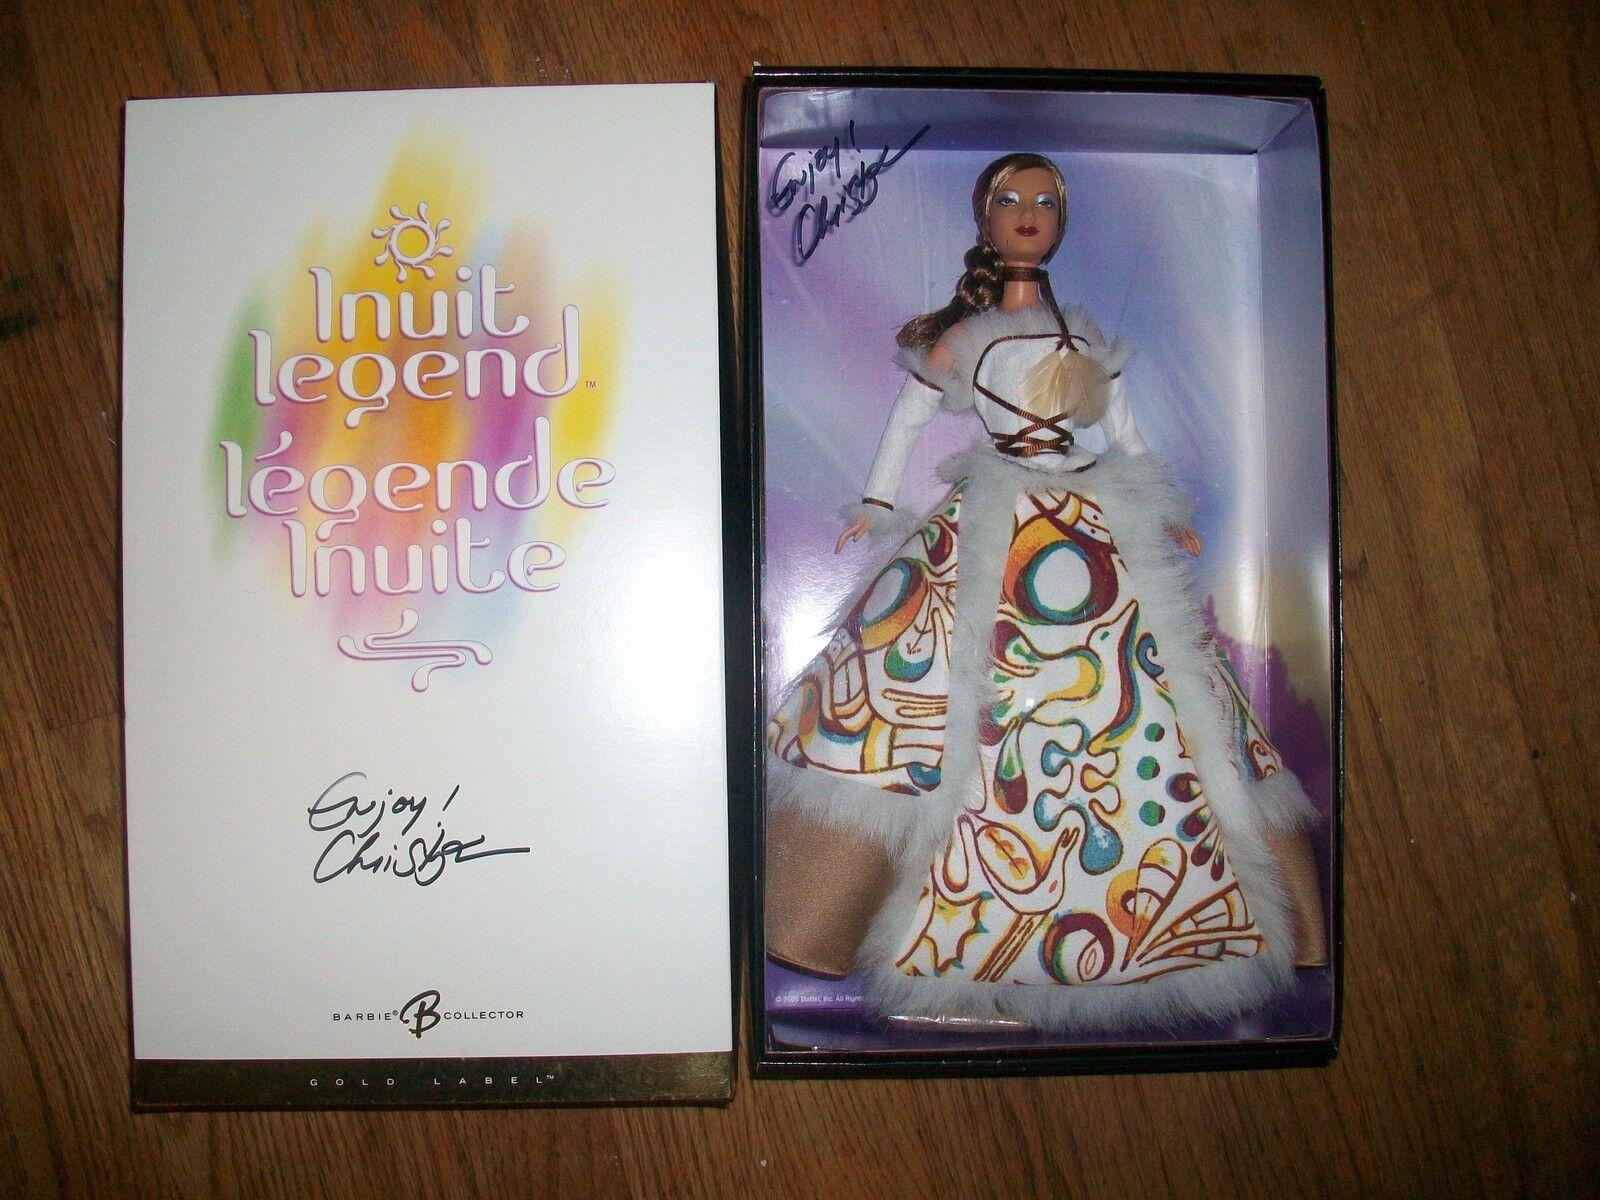 Leyenda De Barbie canadiense exclusivo firmado Inuit raro duro encontrar